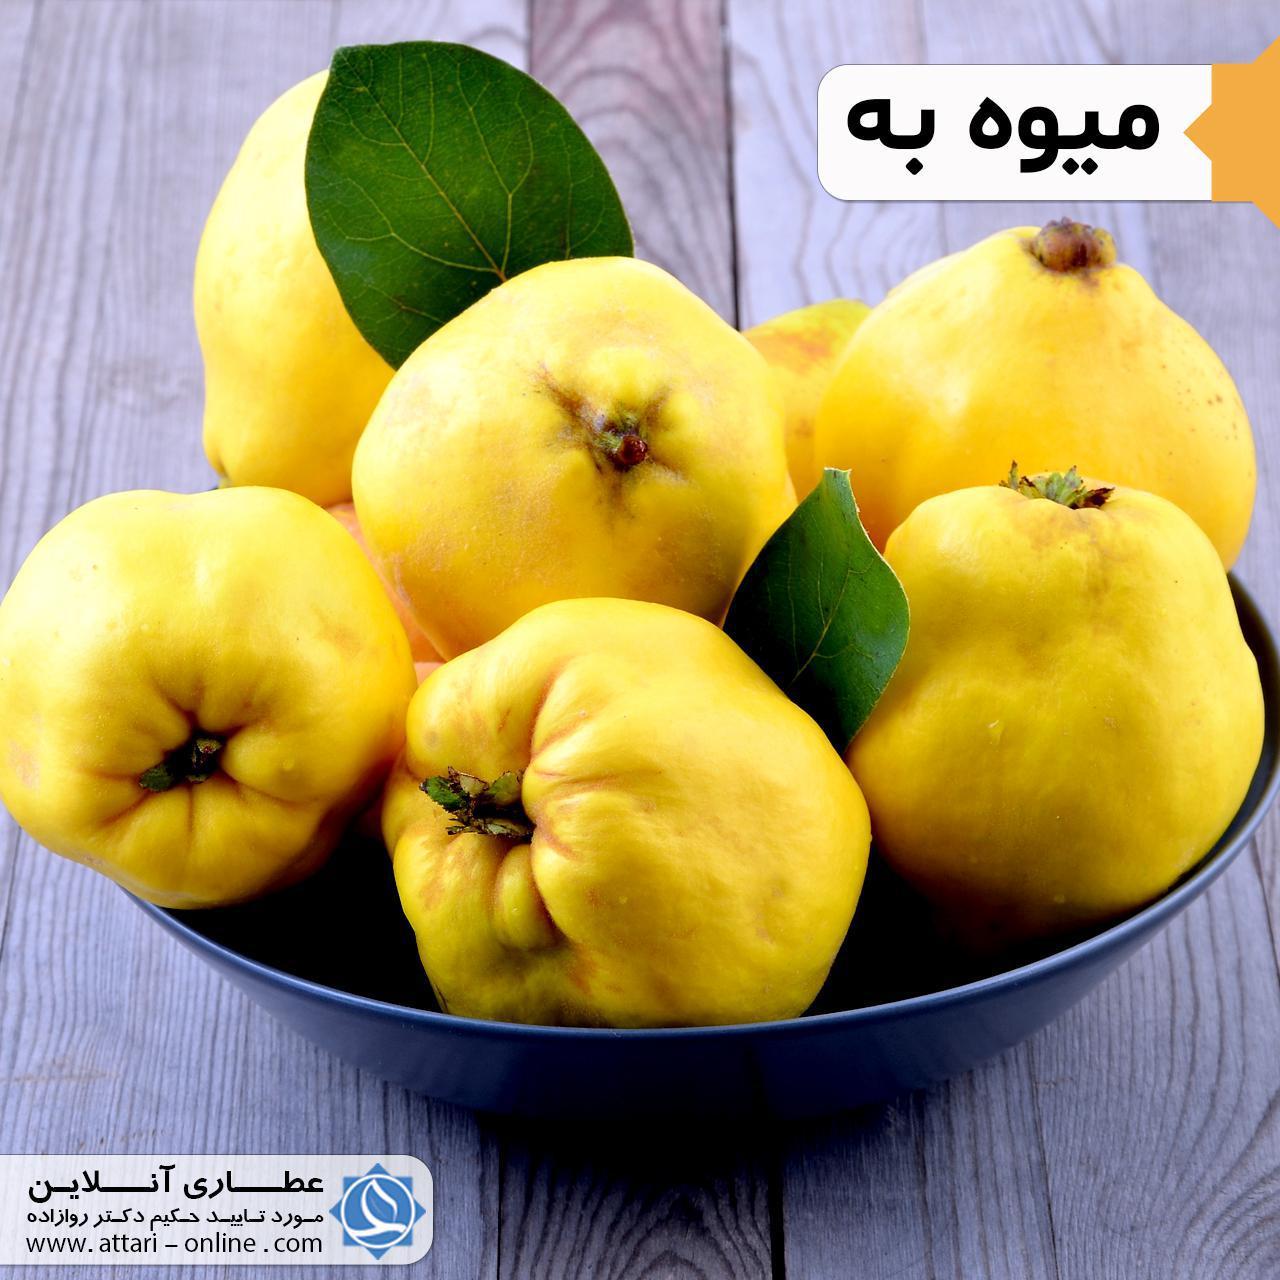 به ک6 میوه به